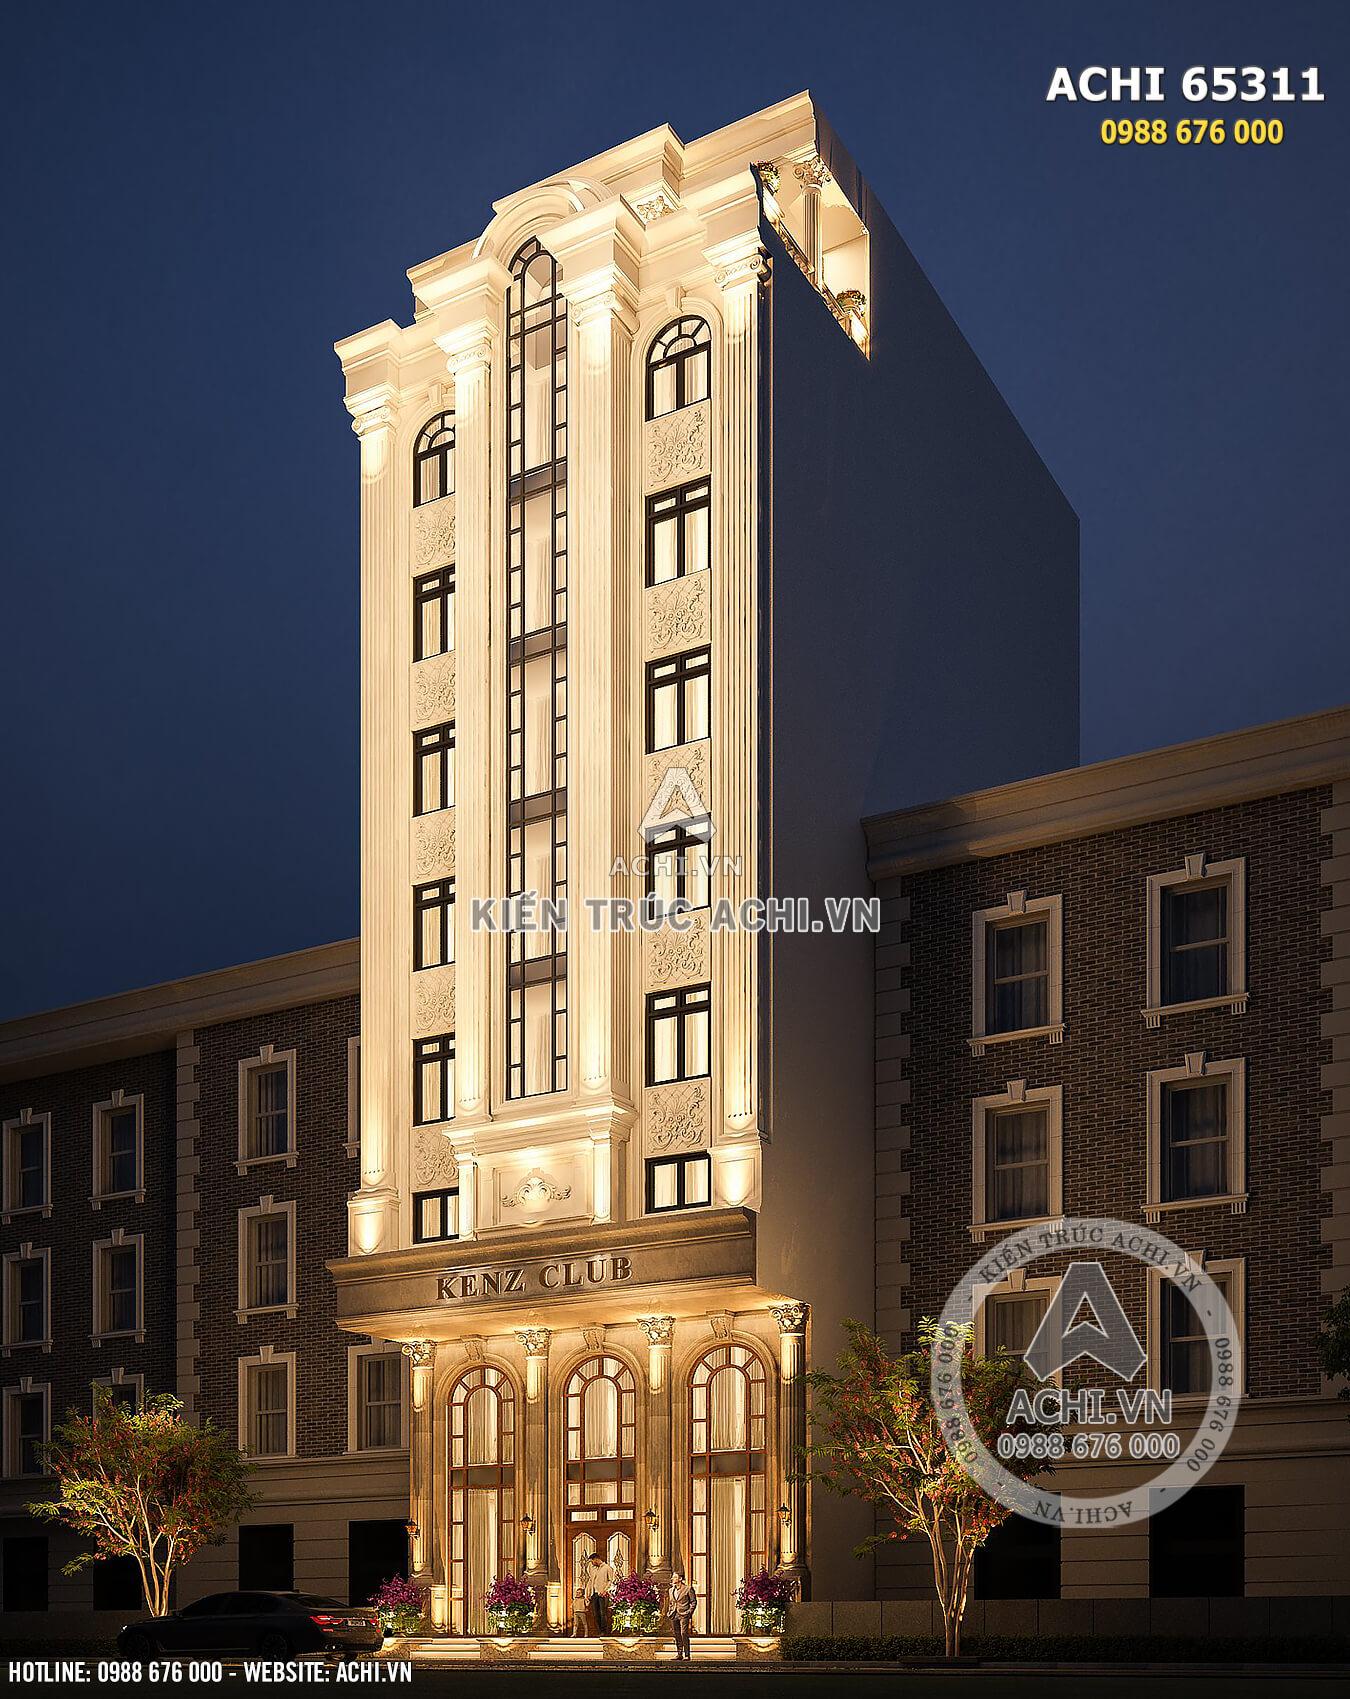 Chiêm ngưỡng một góc đẹp mẫu thiết kế tòa nhà tân cổ điển